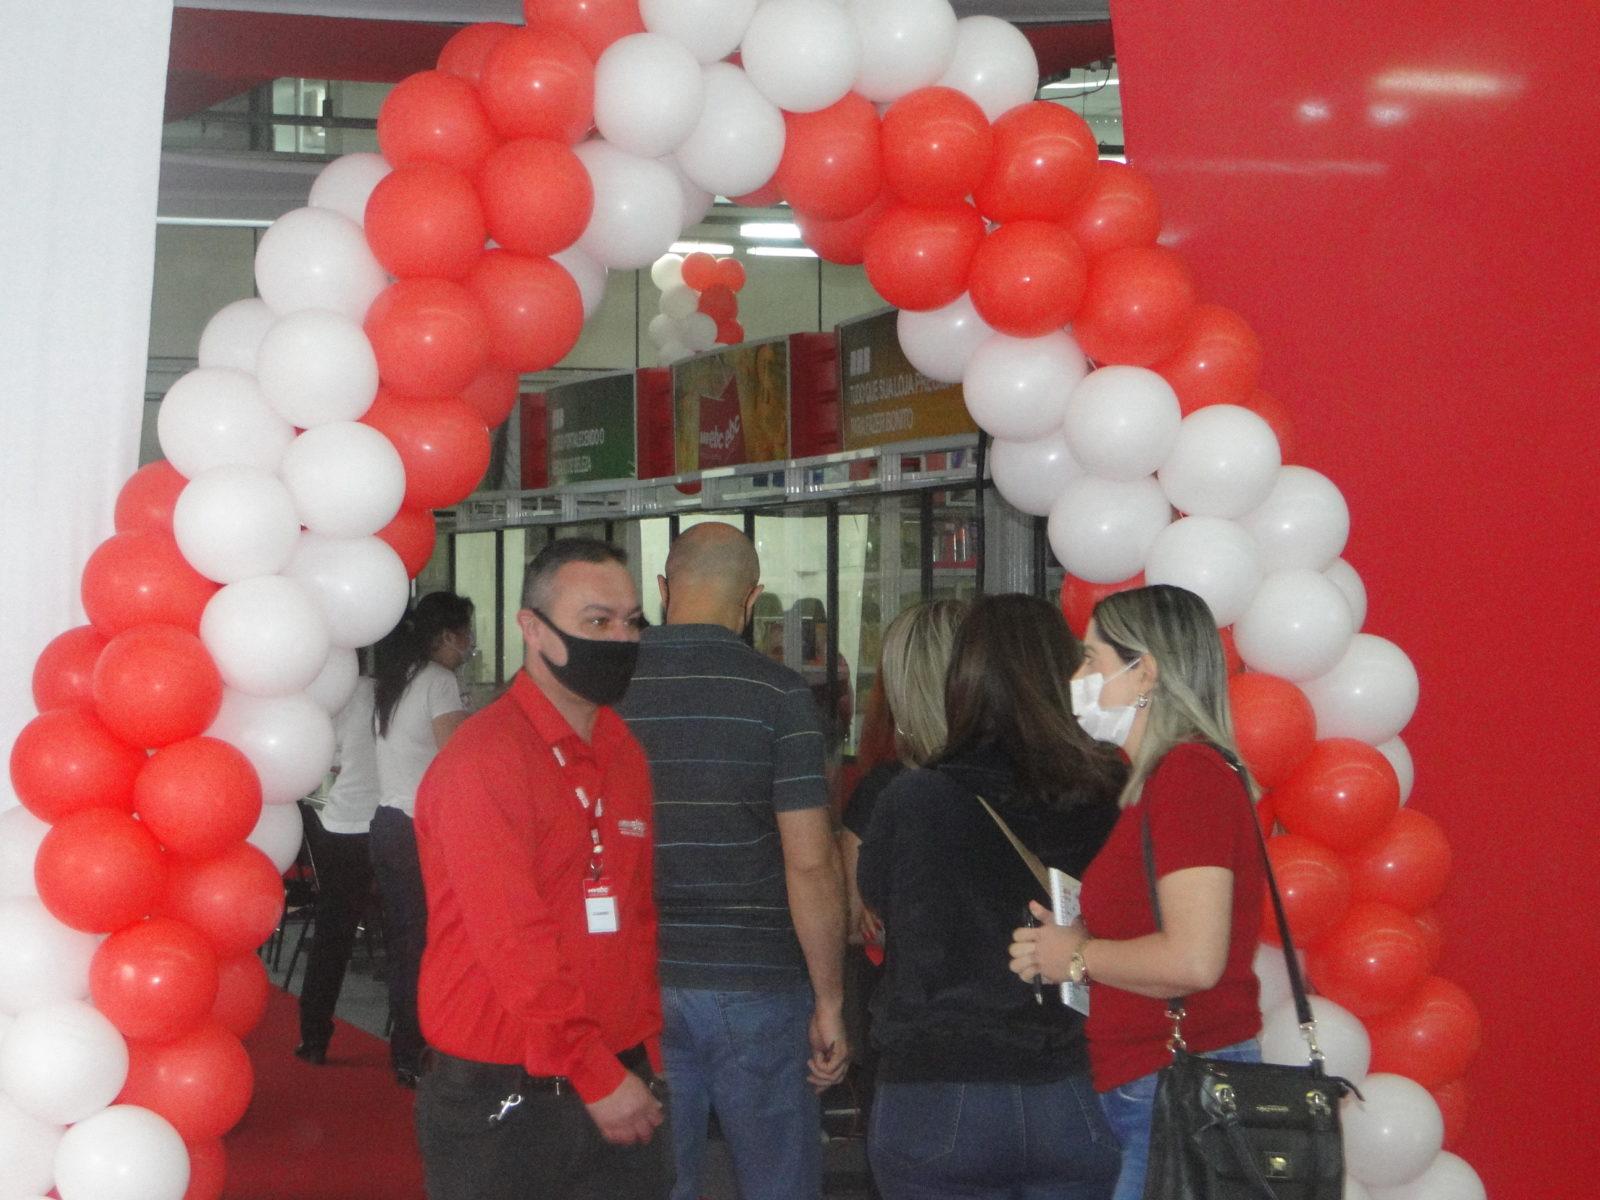 mega-feirao-ebc-contou-com-ofertas-e-conteudos-educativos